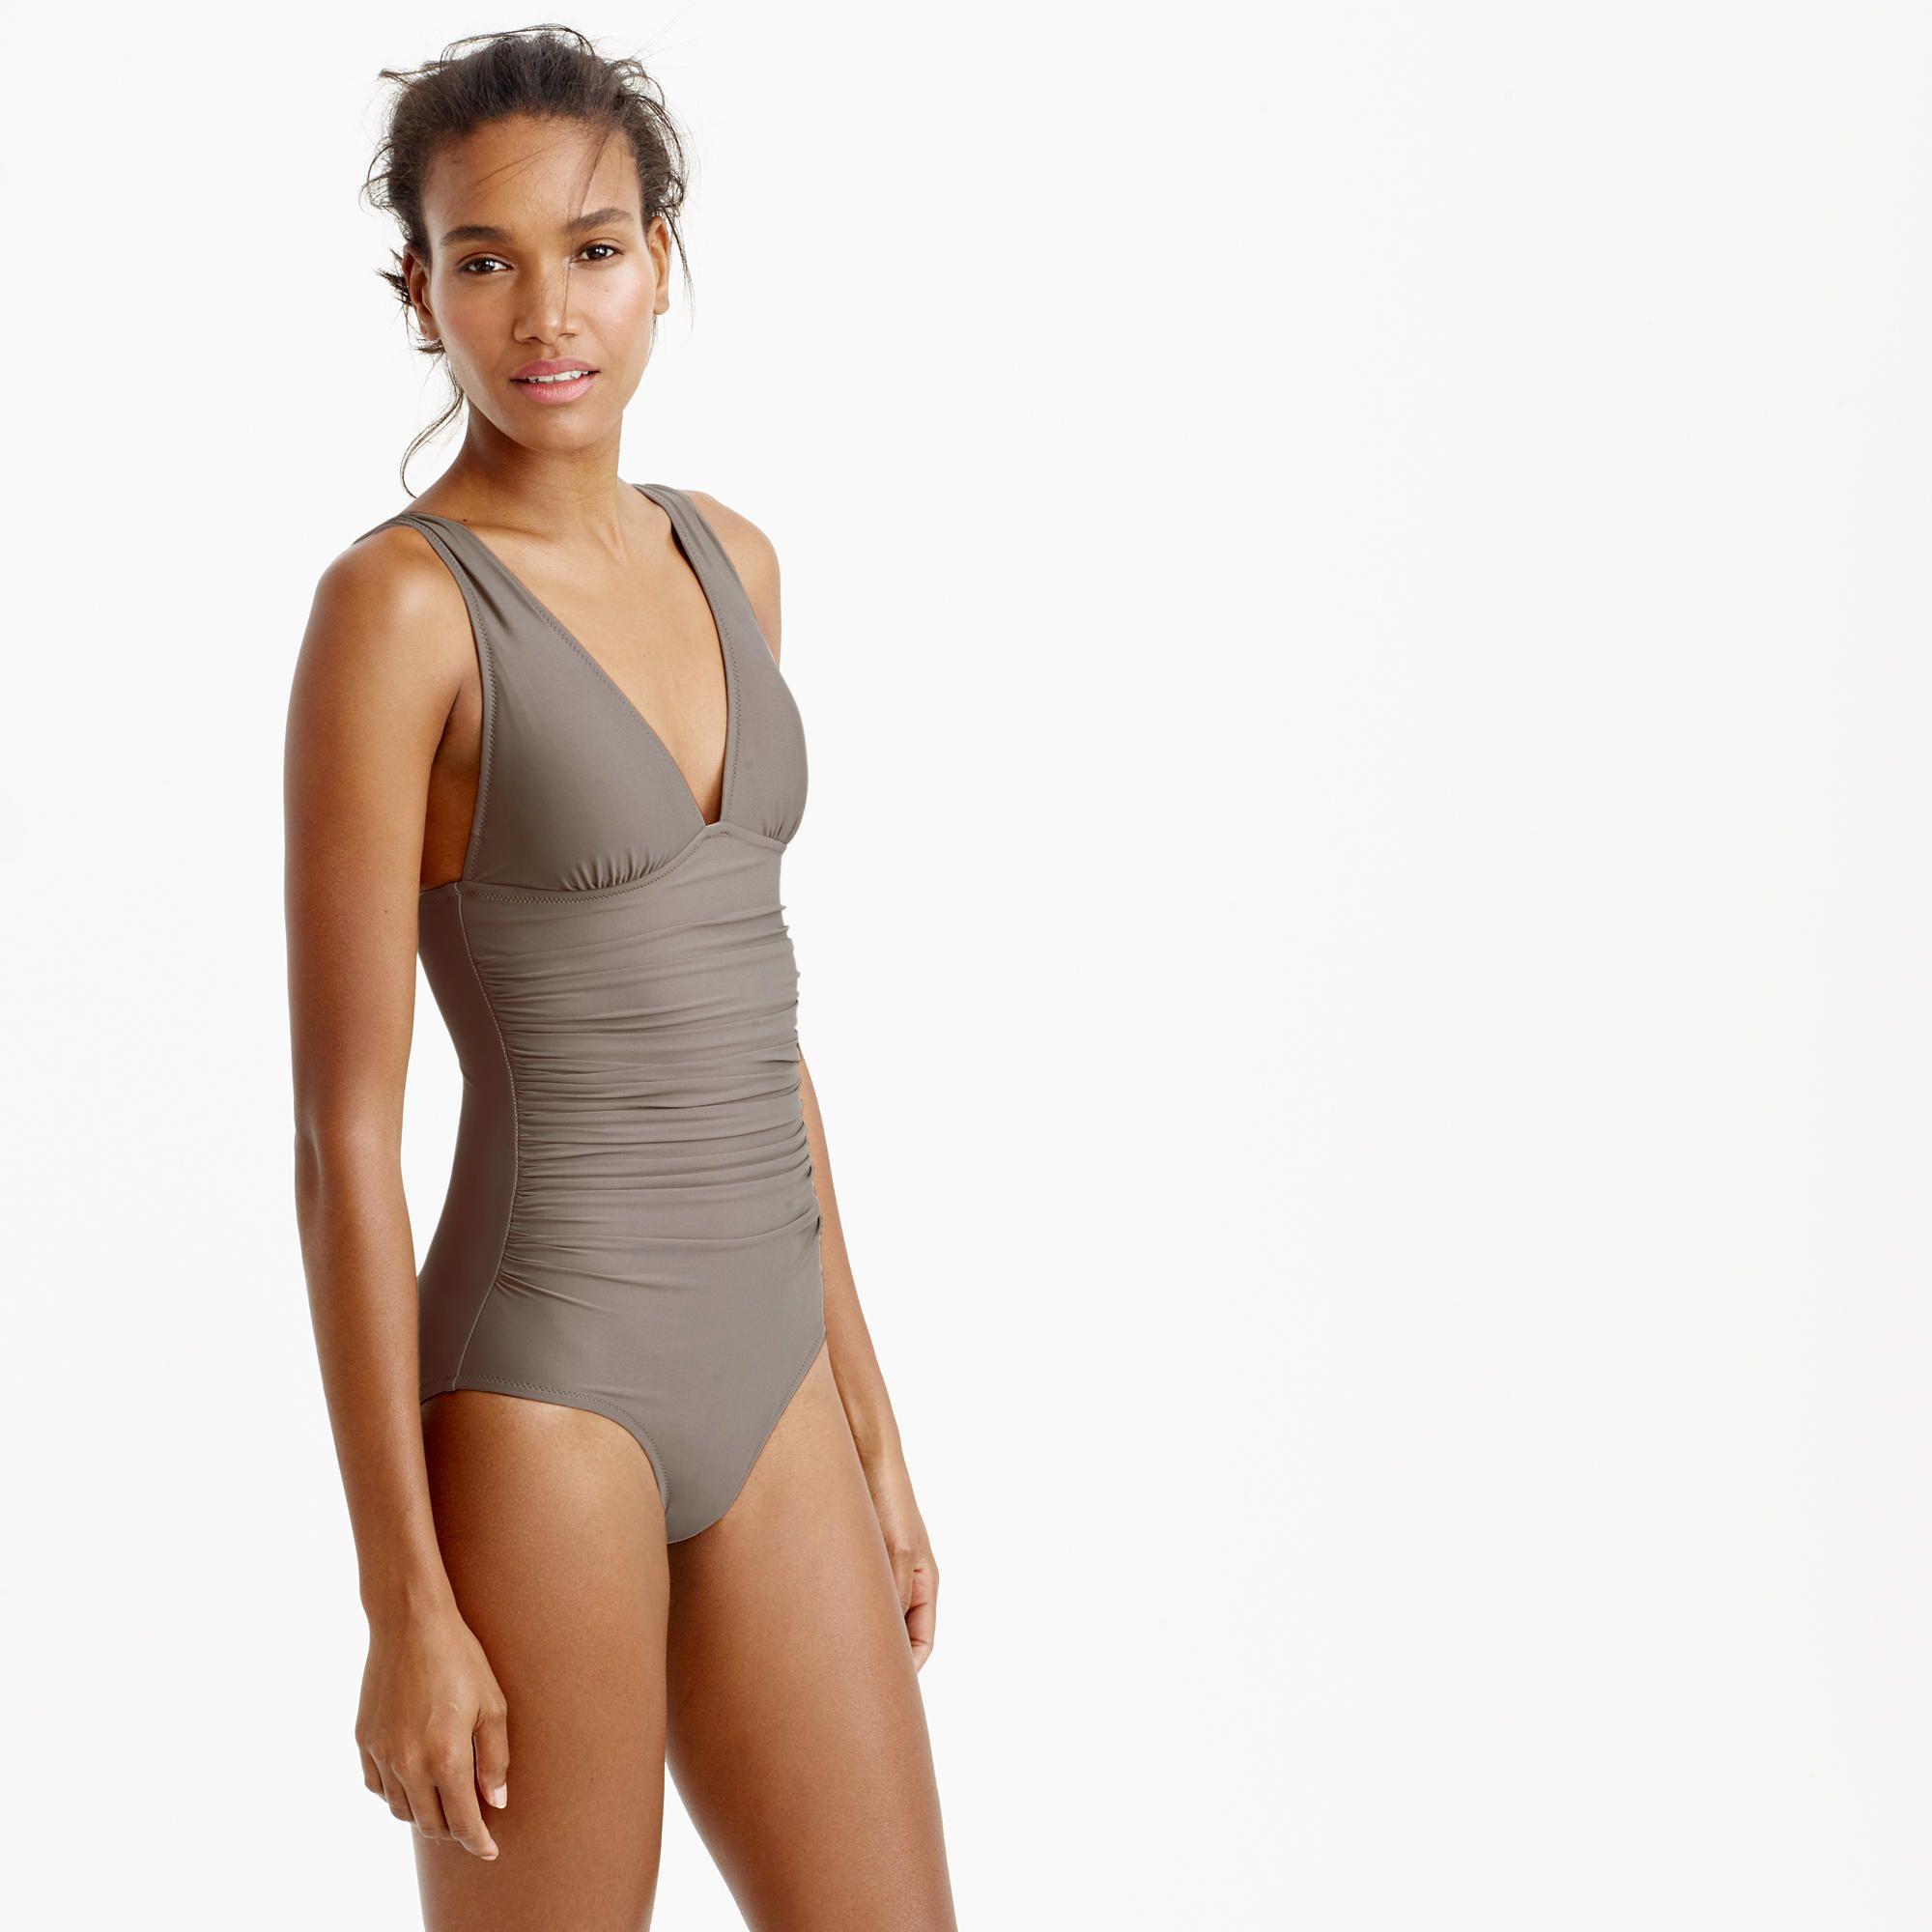 e13b70df94e6c4 $104 Long torso ruched femme one-piece swimsuit : long torso | J.Crew